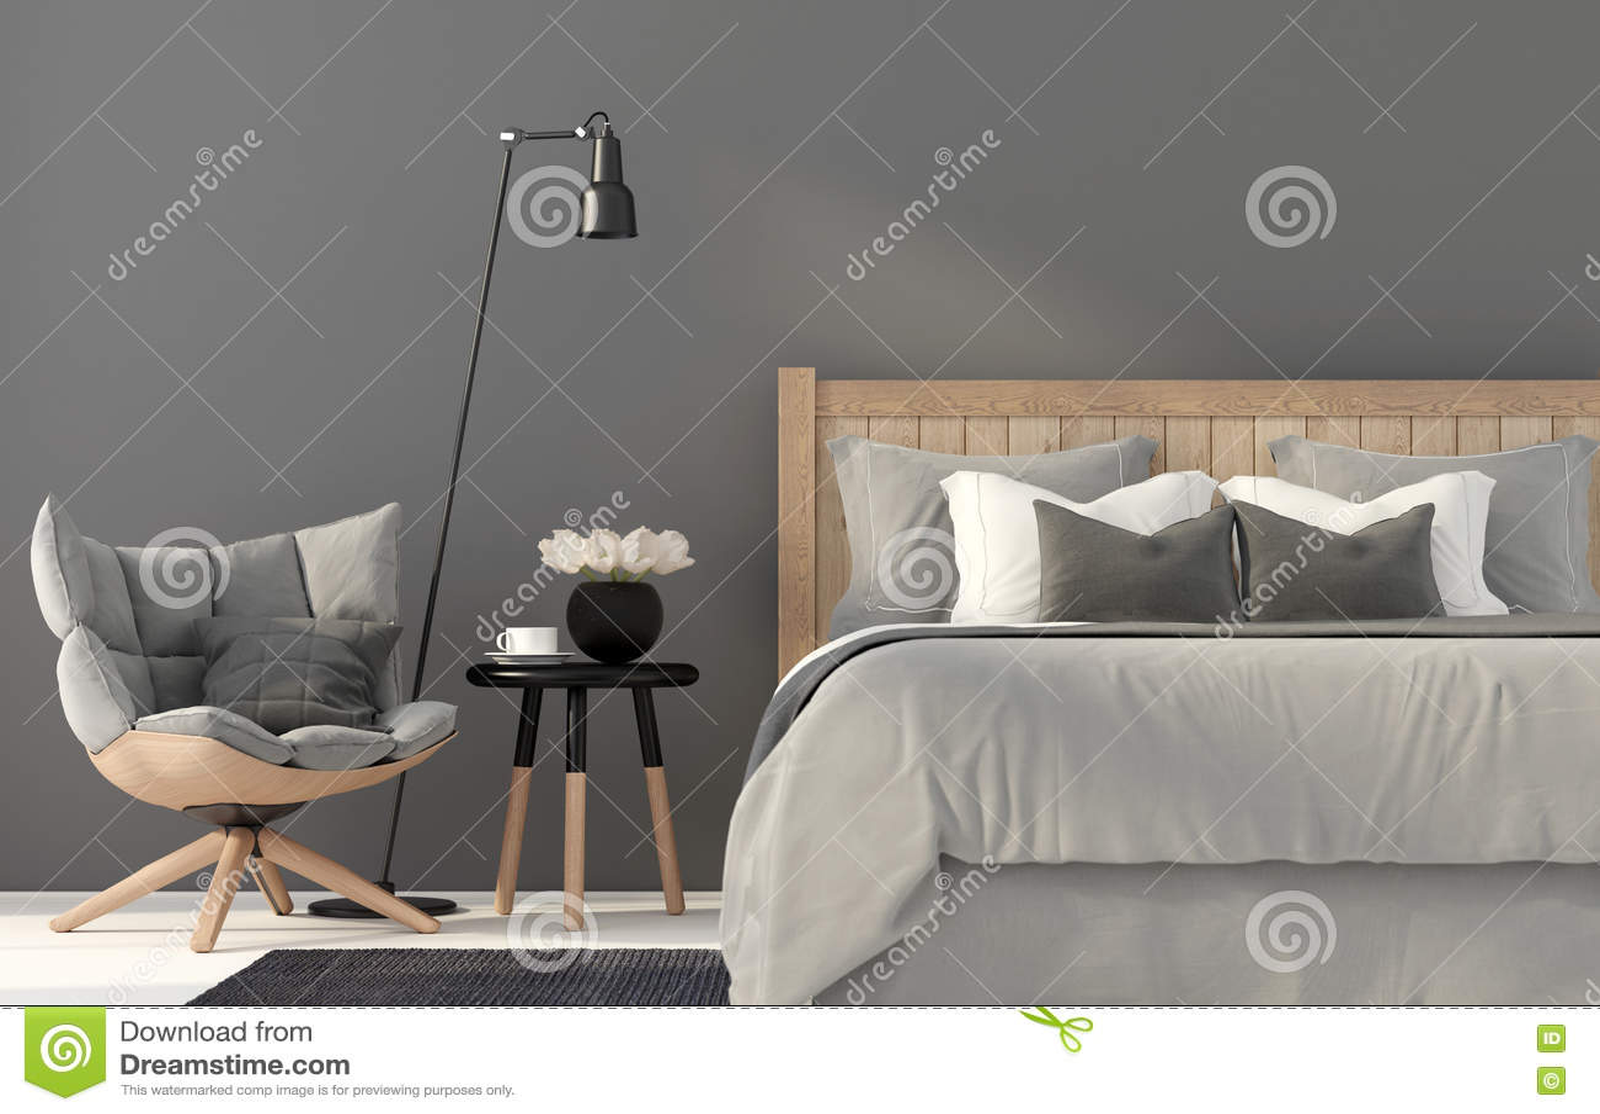 Graues Schlafzimmer Mit Einem Hölzernen Bett